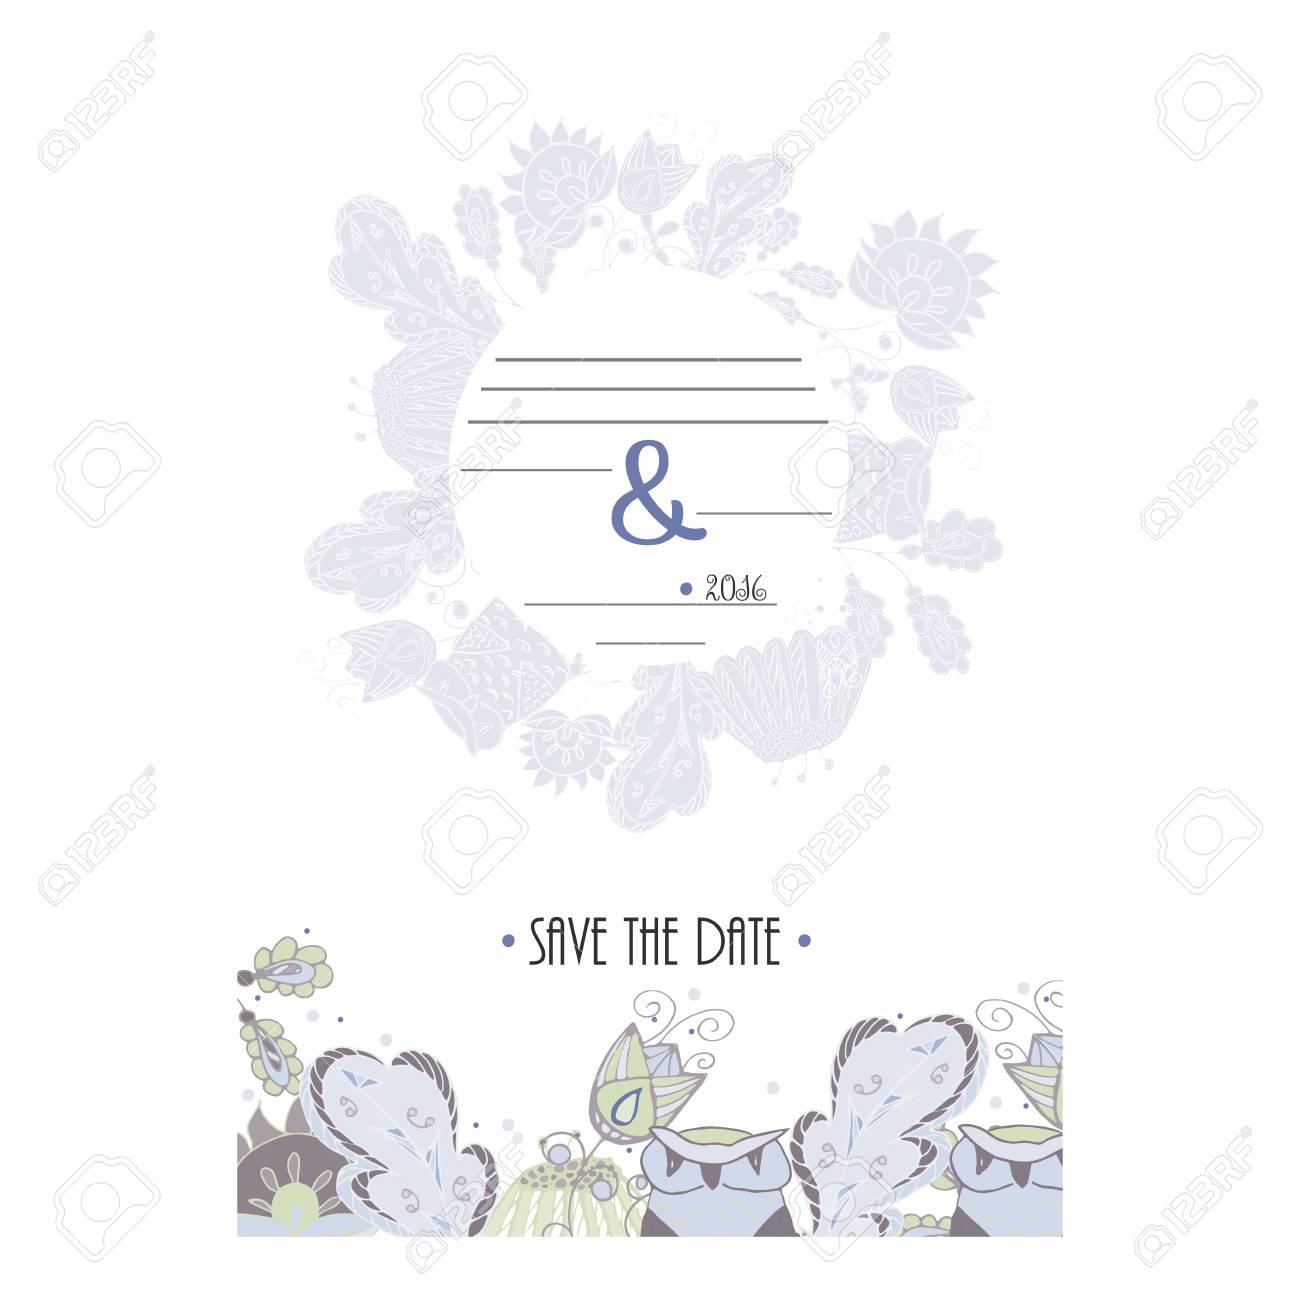 La Tarjeta De Fecha Tarjeta De Invitación Para La Boda Fiesta O Cita En El Estilo Retro De La Vendimia Con El Ornamento Floral Del Doodle Vector